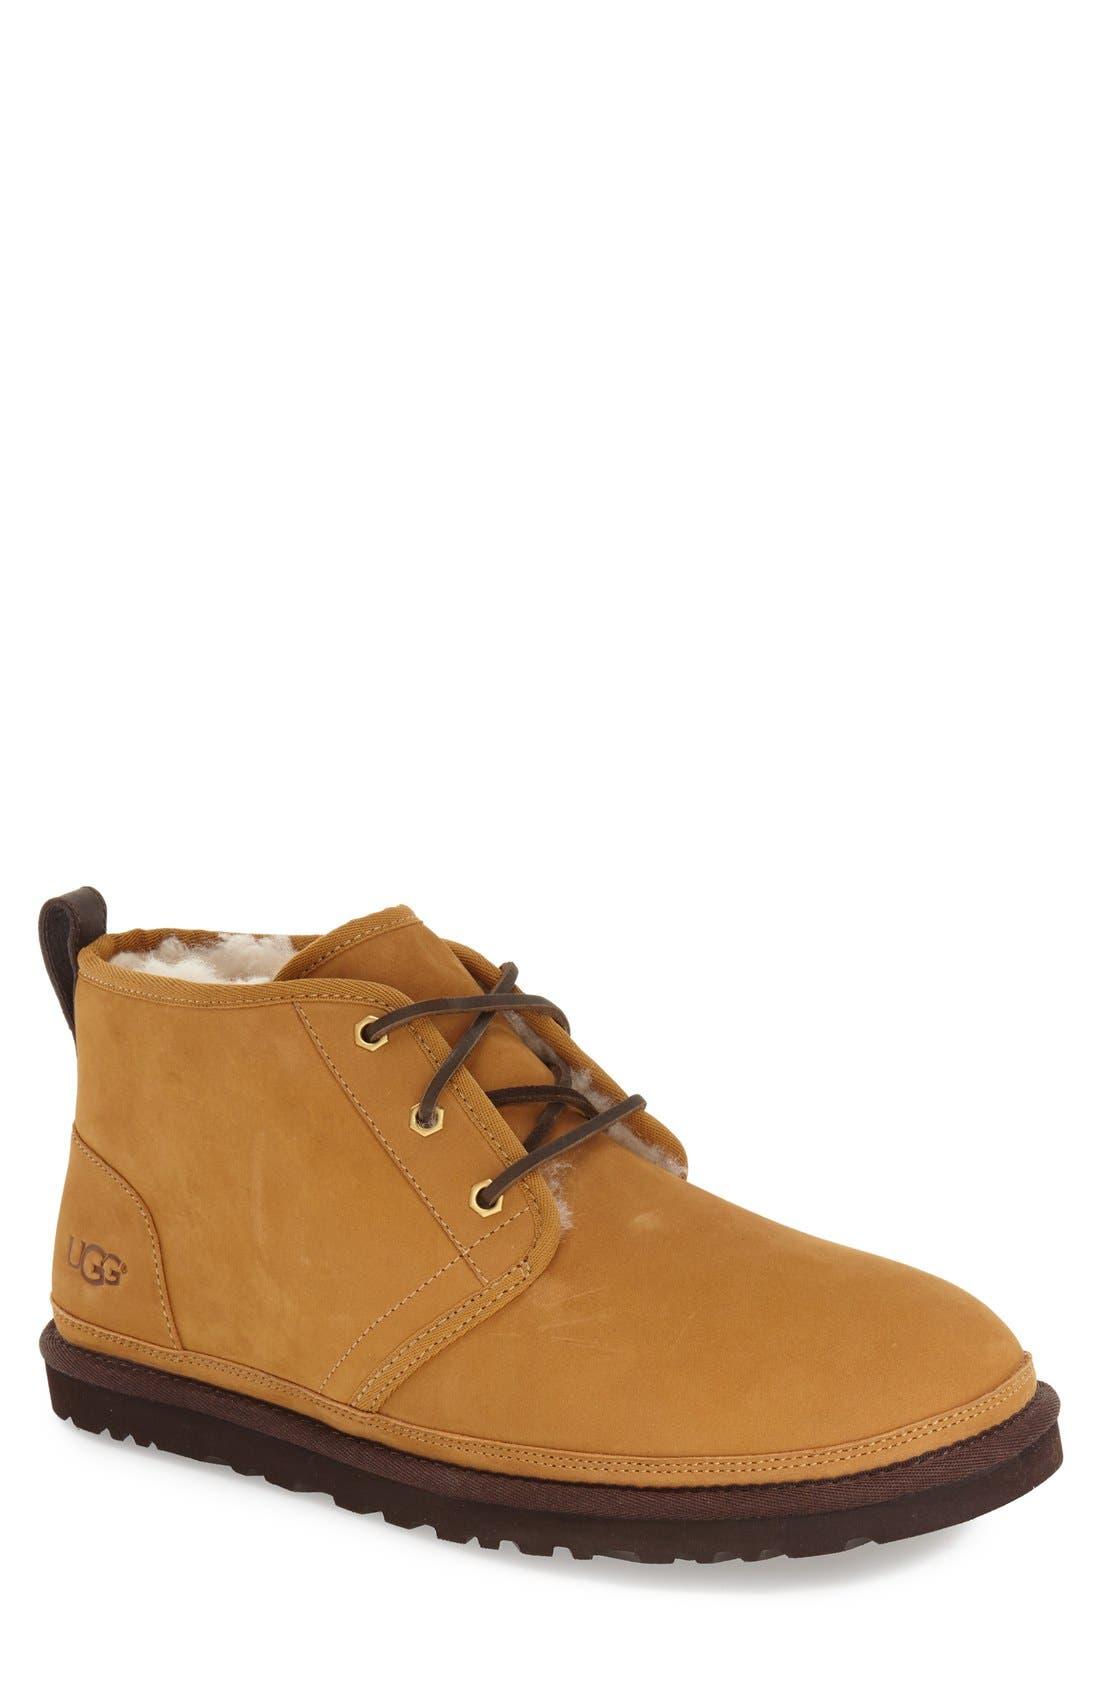 Alternate Image 1 Selected - UGG® Neumel Chukka Boot (Men)